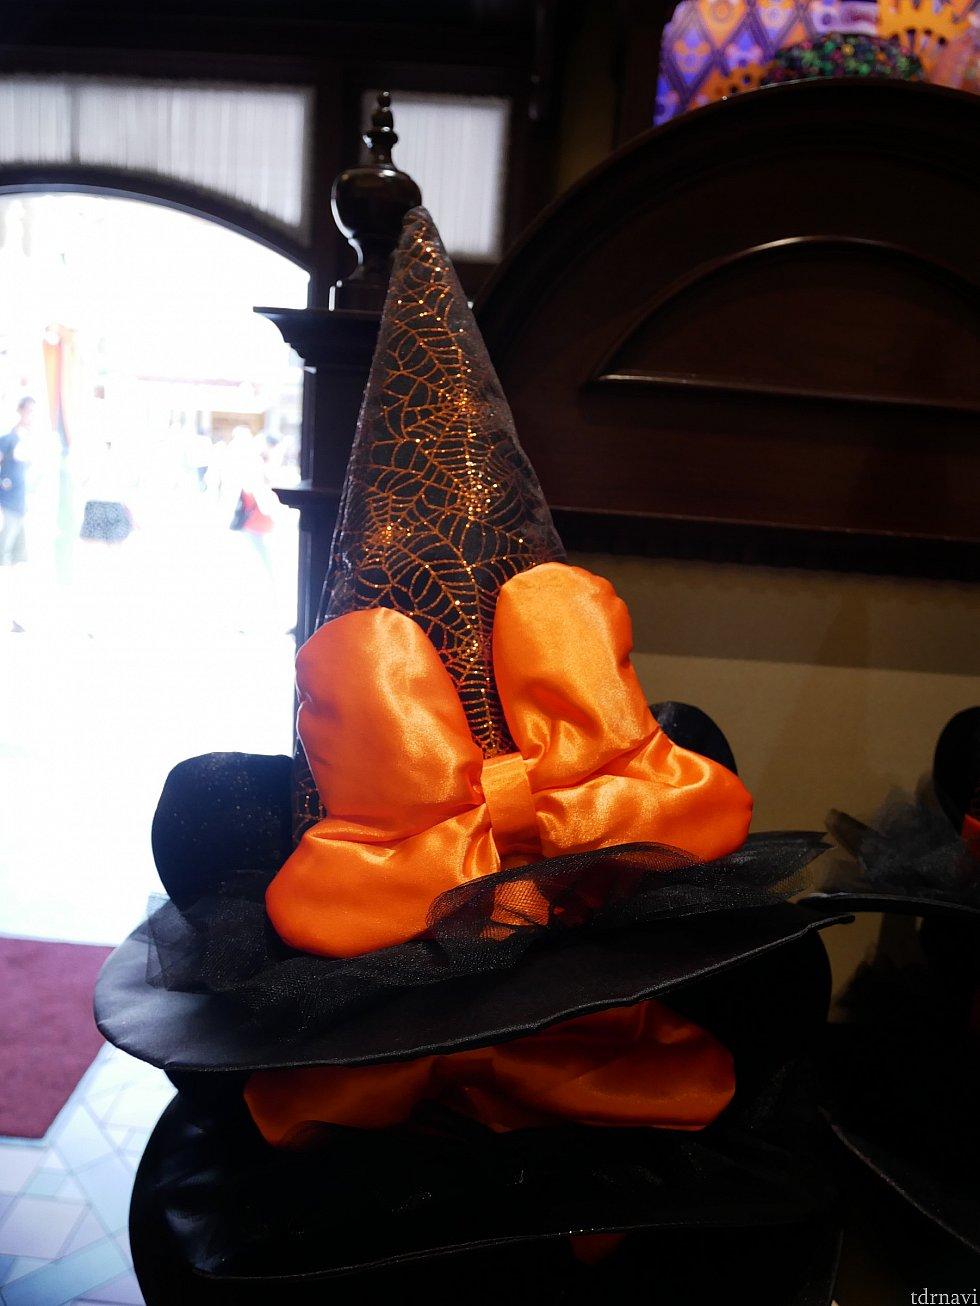 ミニーちゃんの耳付き帽子 198HKドル